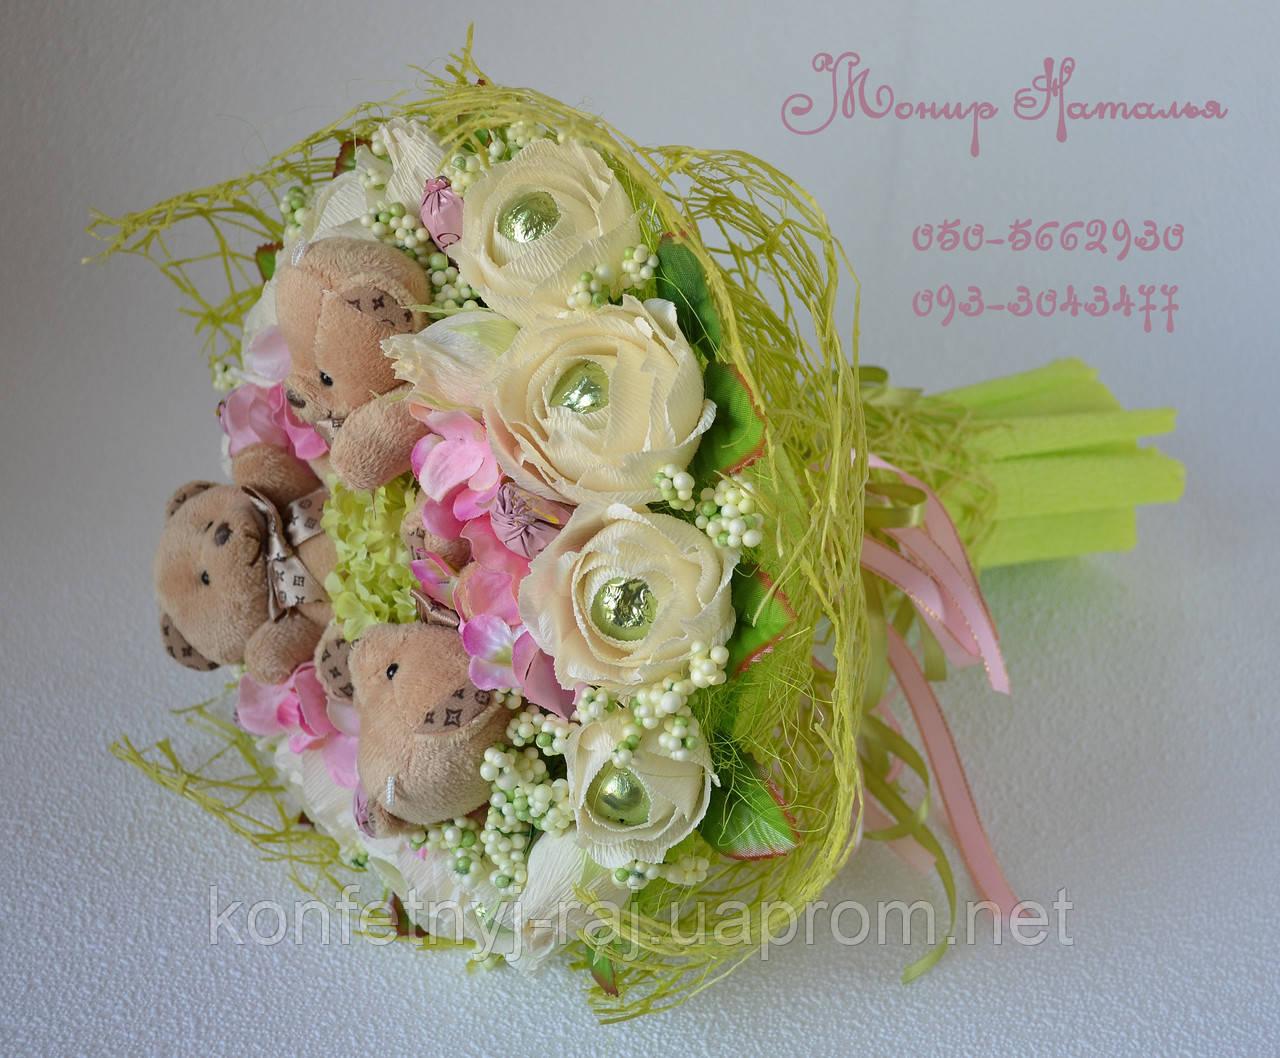 Оригинальные подарки девушке украина 89